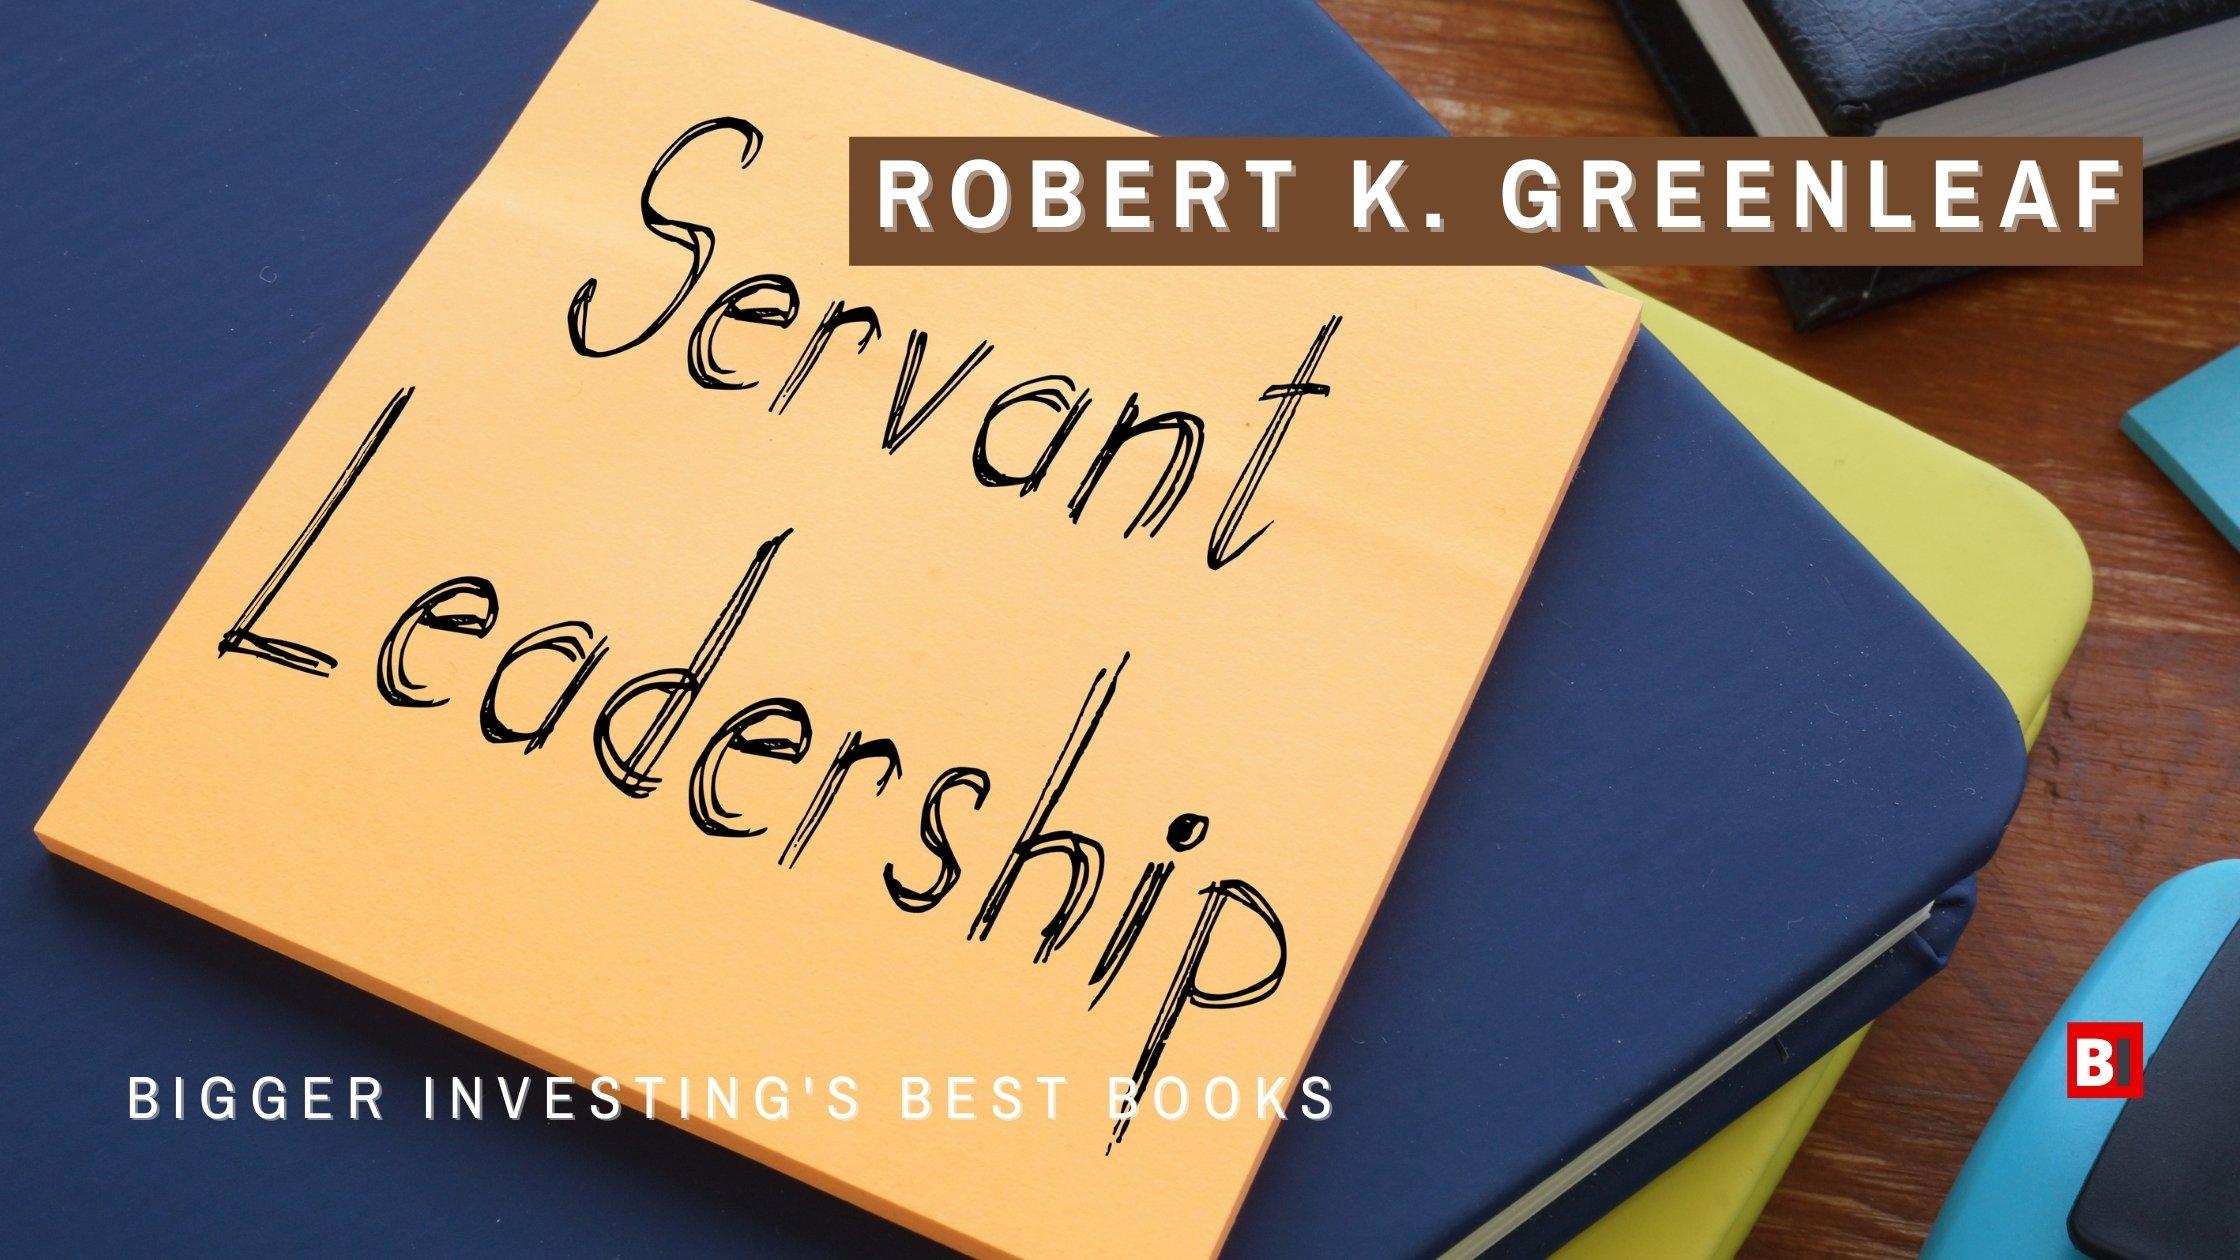 Best Books By Robert K. Greenleaf